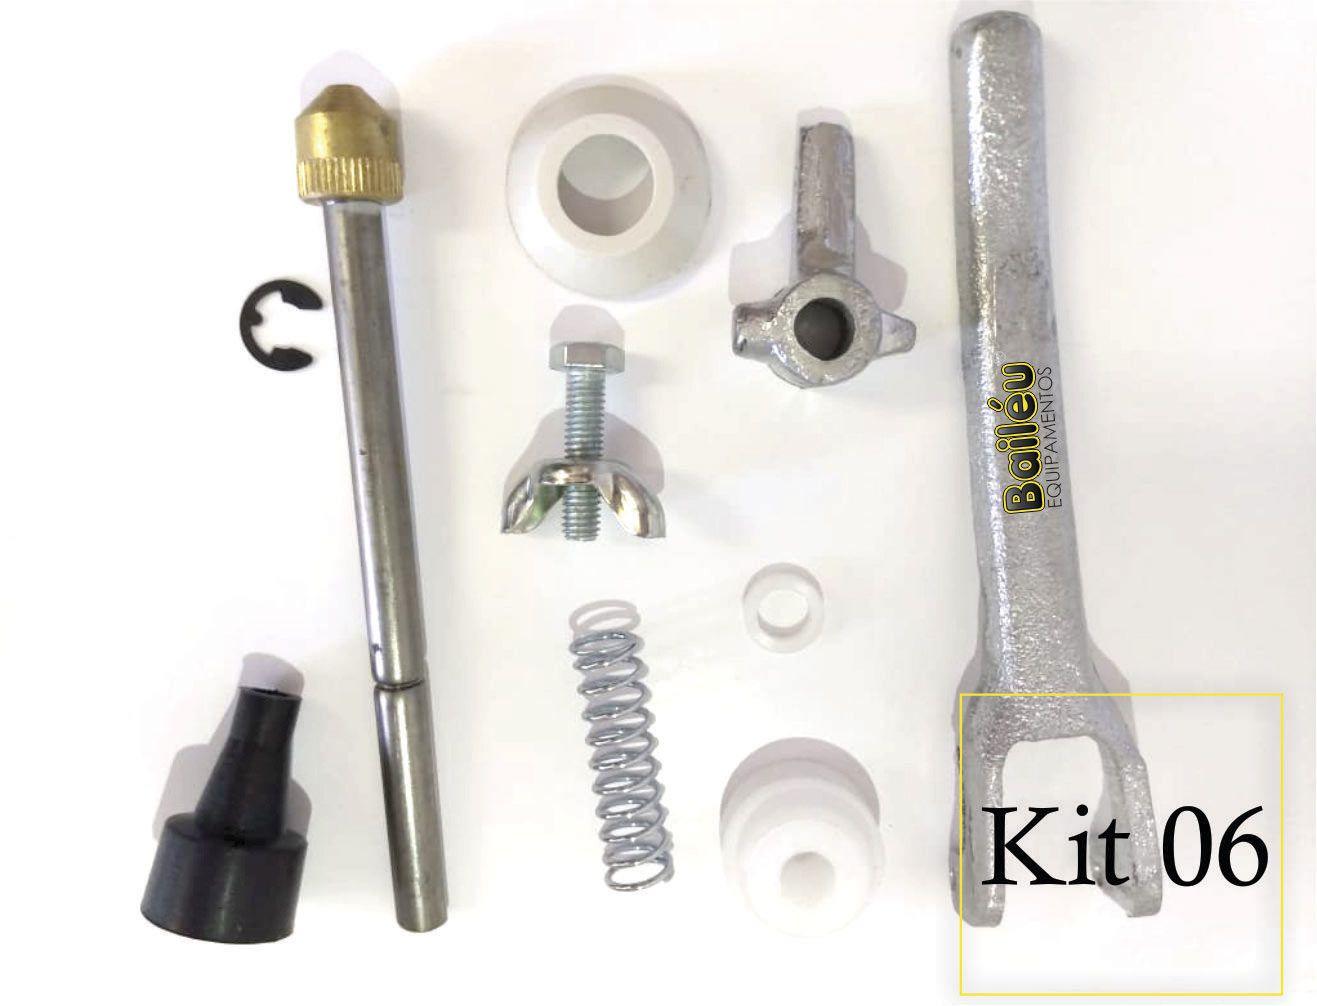 Kit 06 - Acessórios Pistola de Projeção